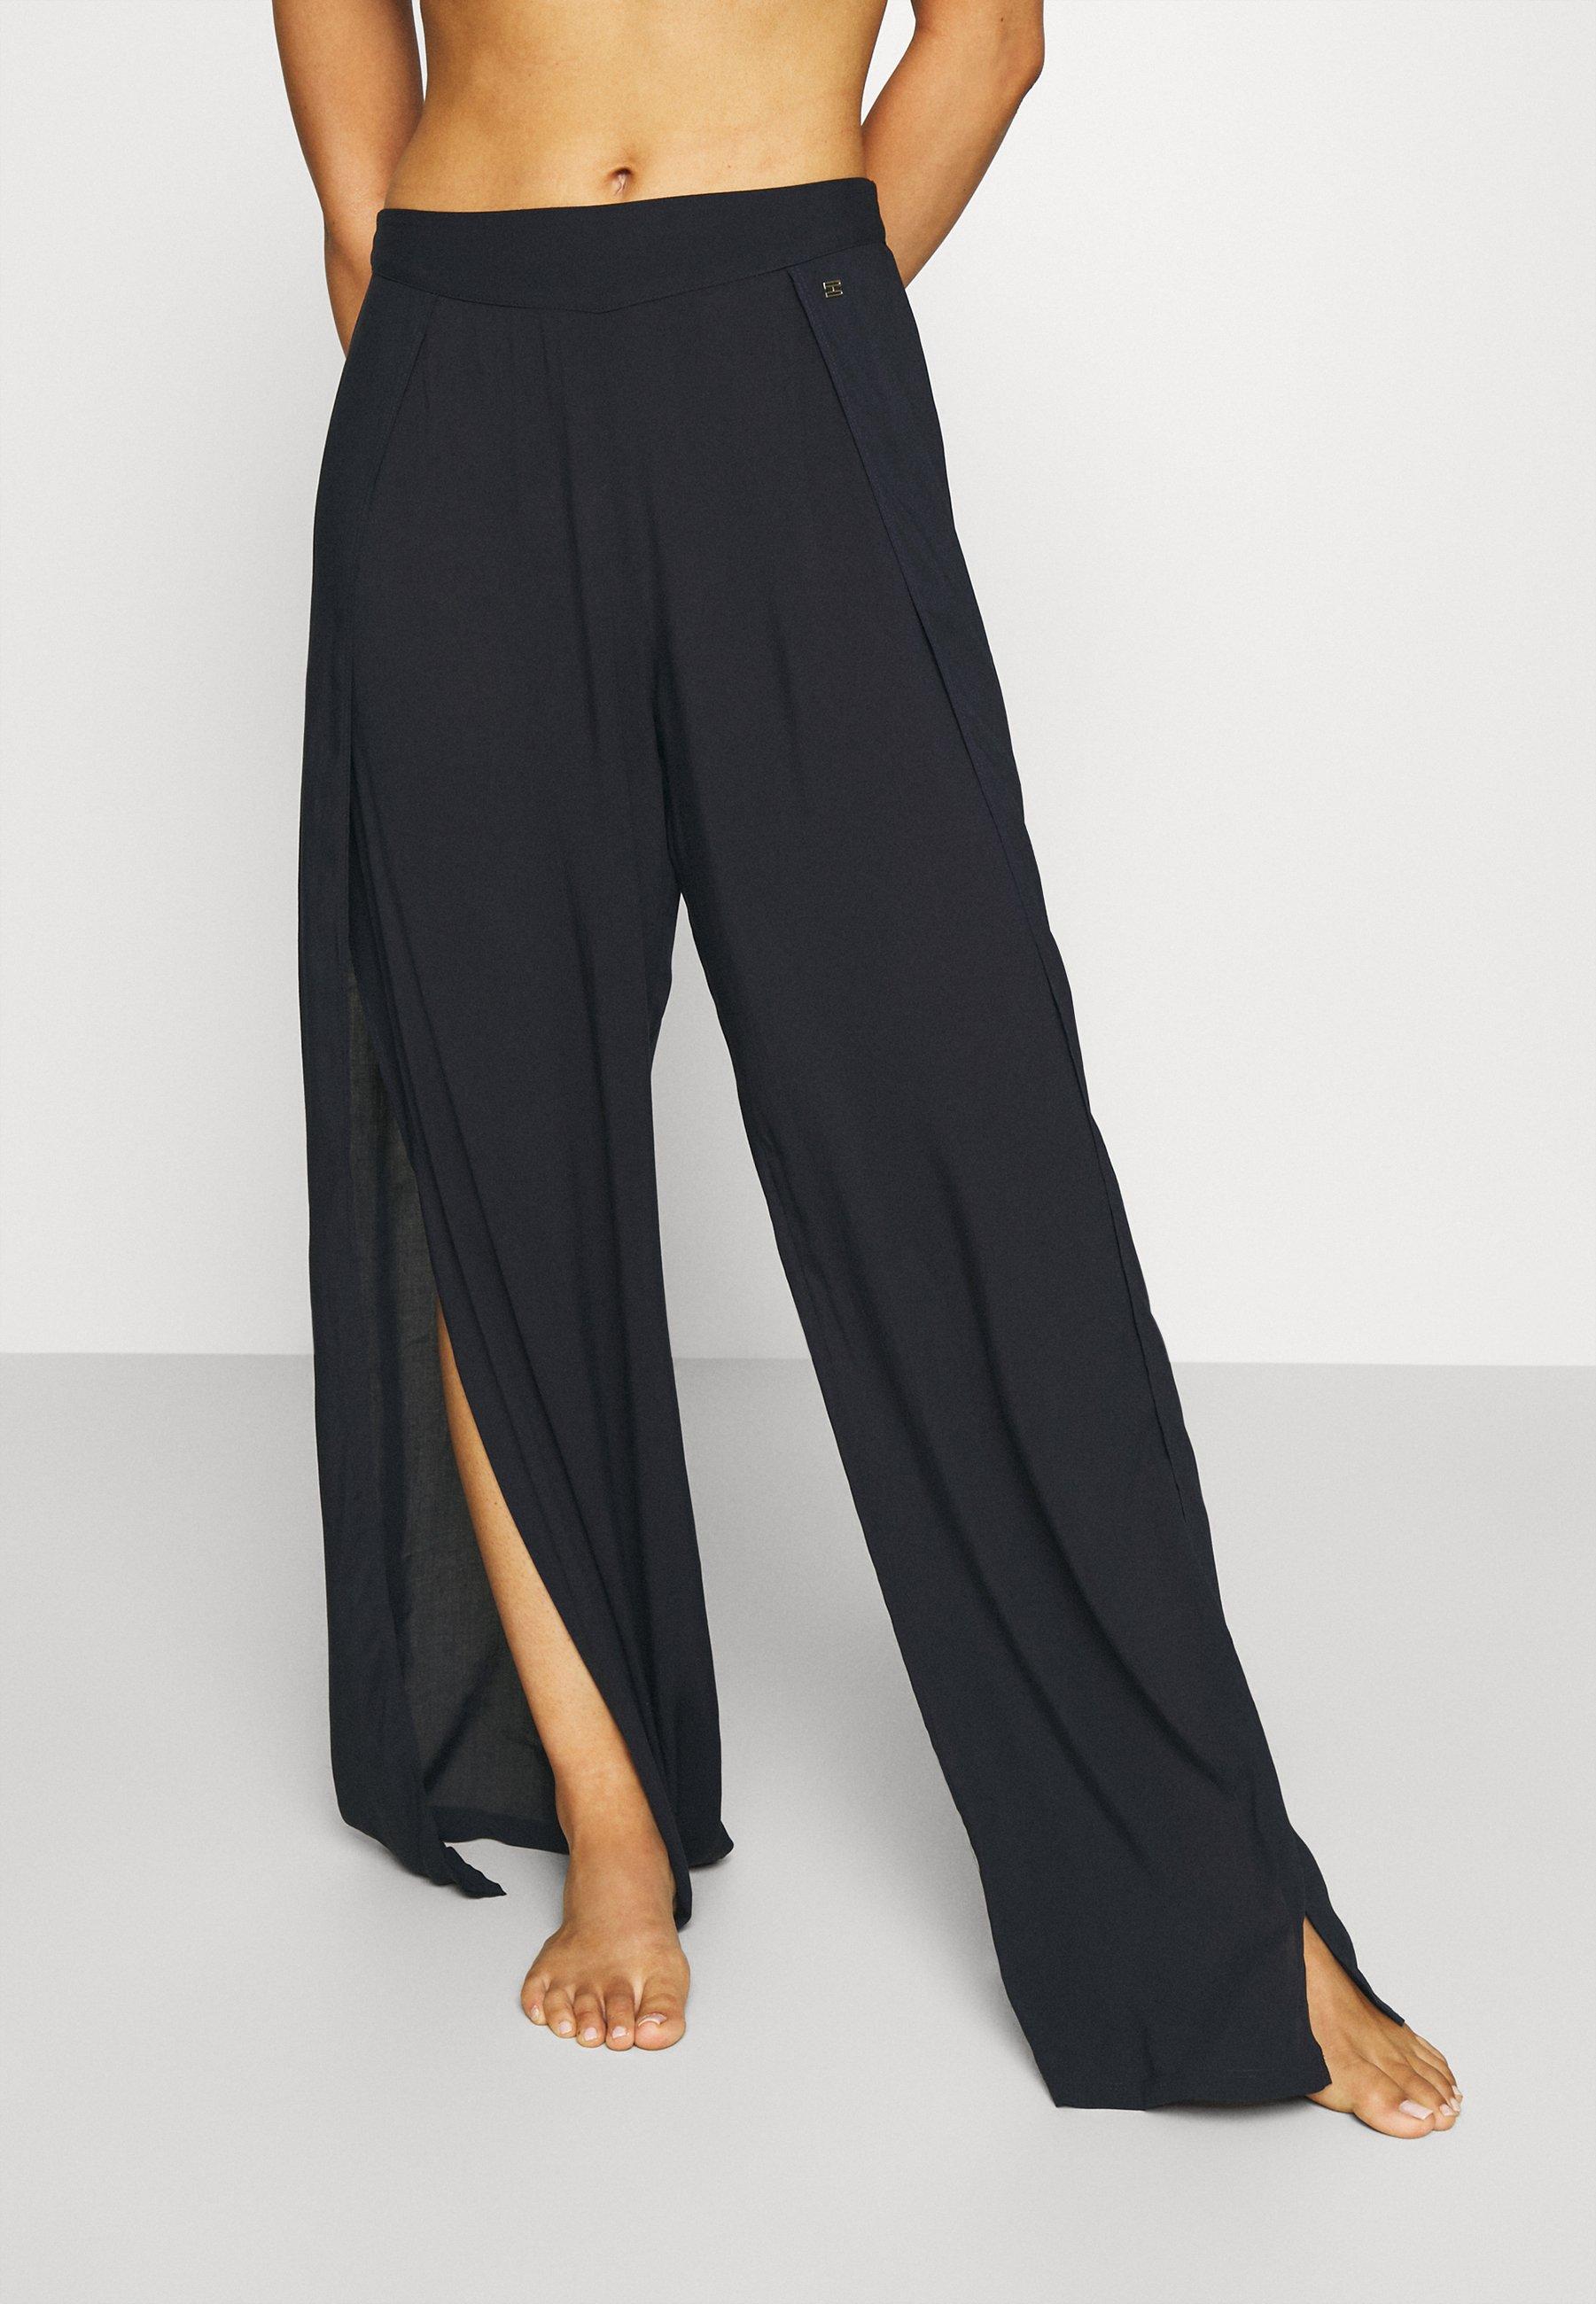 Damen CORE SIGNATURE LONG PANTS - Nachtwäsche Hose